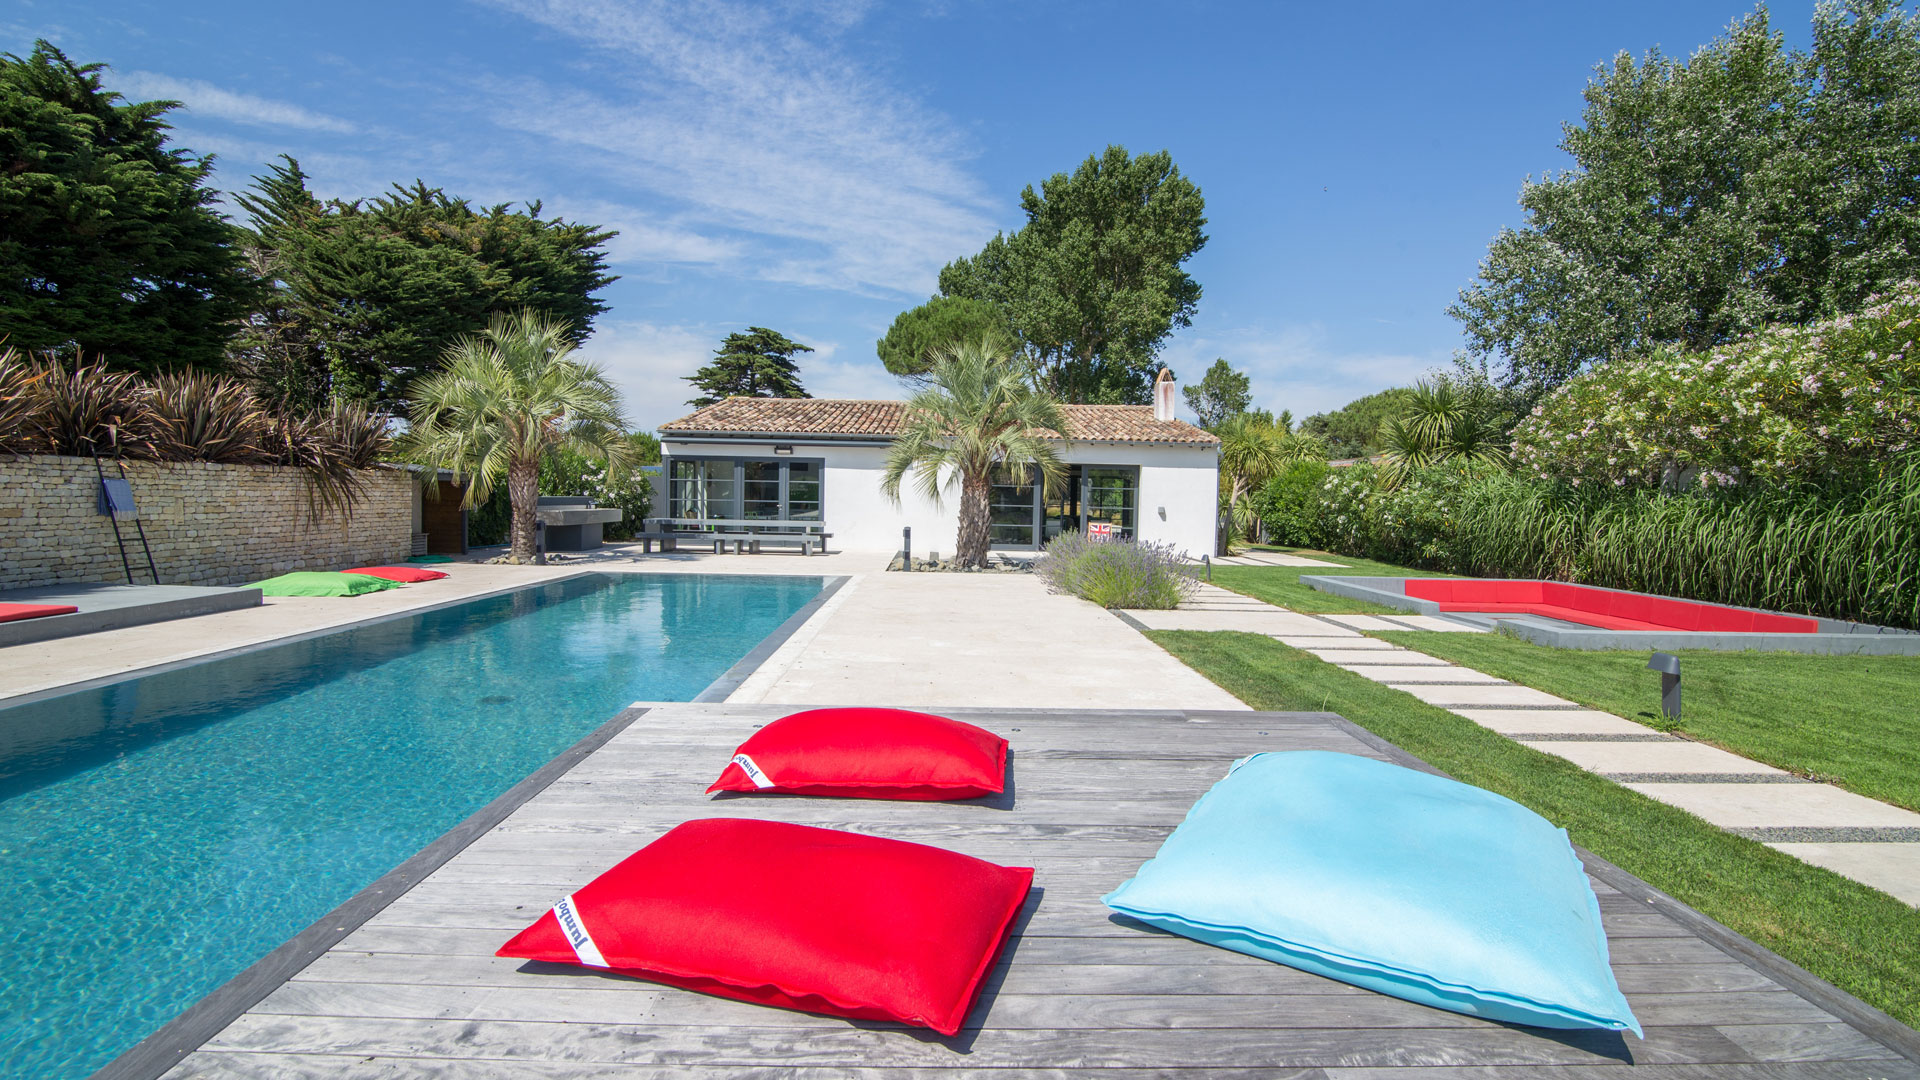 Populaire Location de villas de luxe à Les Portes-en-Ré WP29